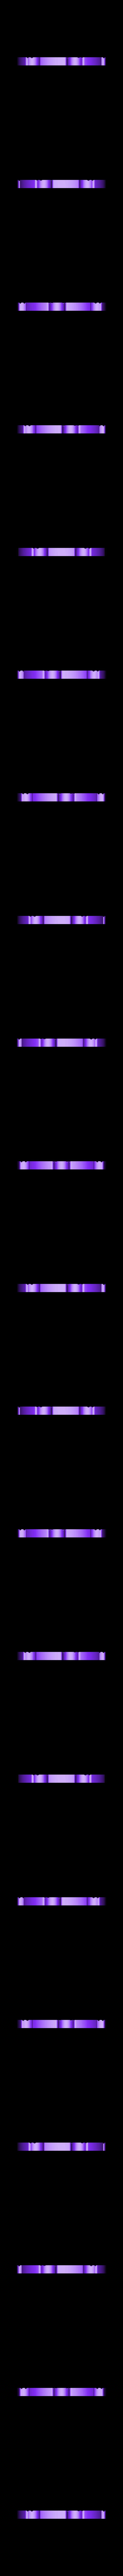 Spinner v2.STL Télécharger fichier STL gratuit Générateur de nombres aléatoires à spinner à main • Plan pour imprimante 3D, Vladimir310873